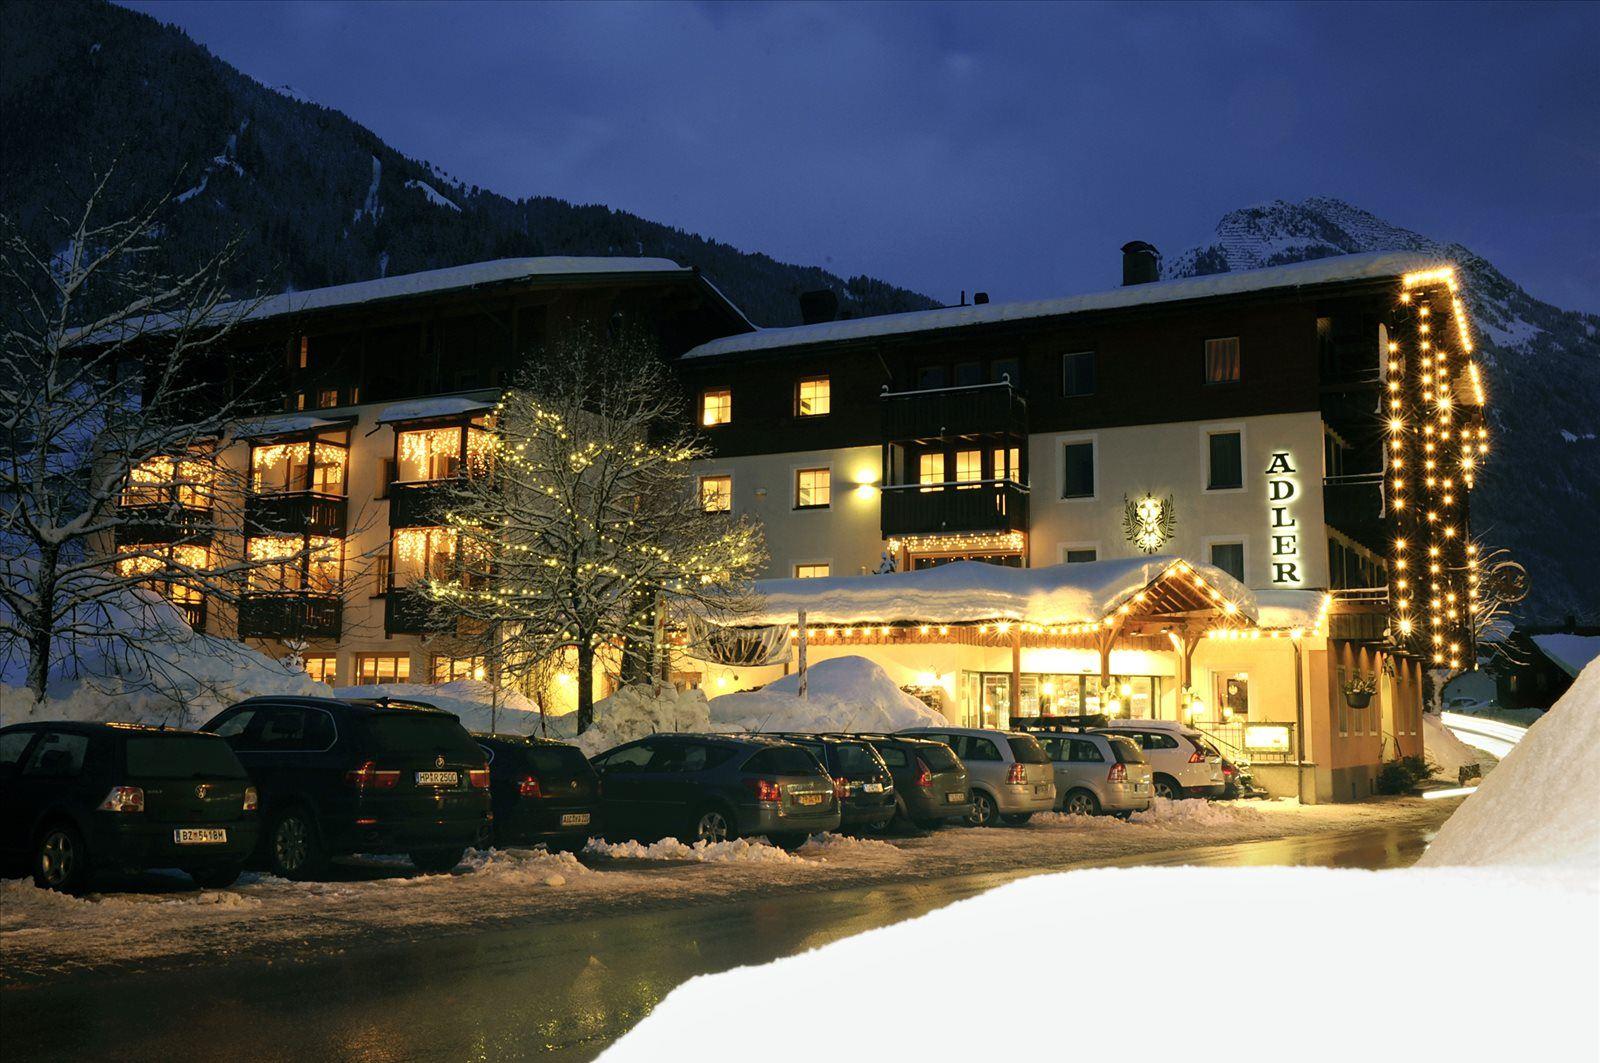 Hotel Gasthof Adler - St. Gallenkirch